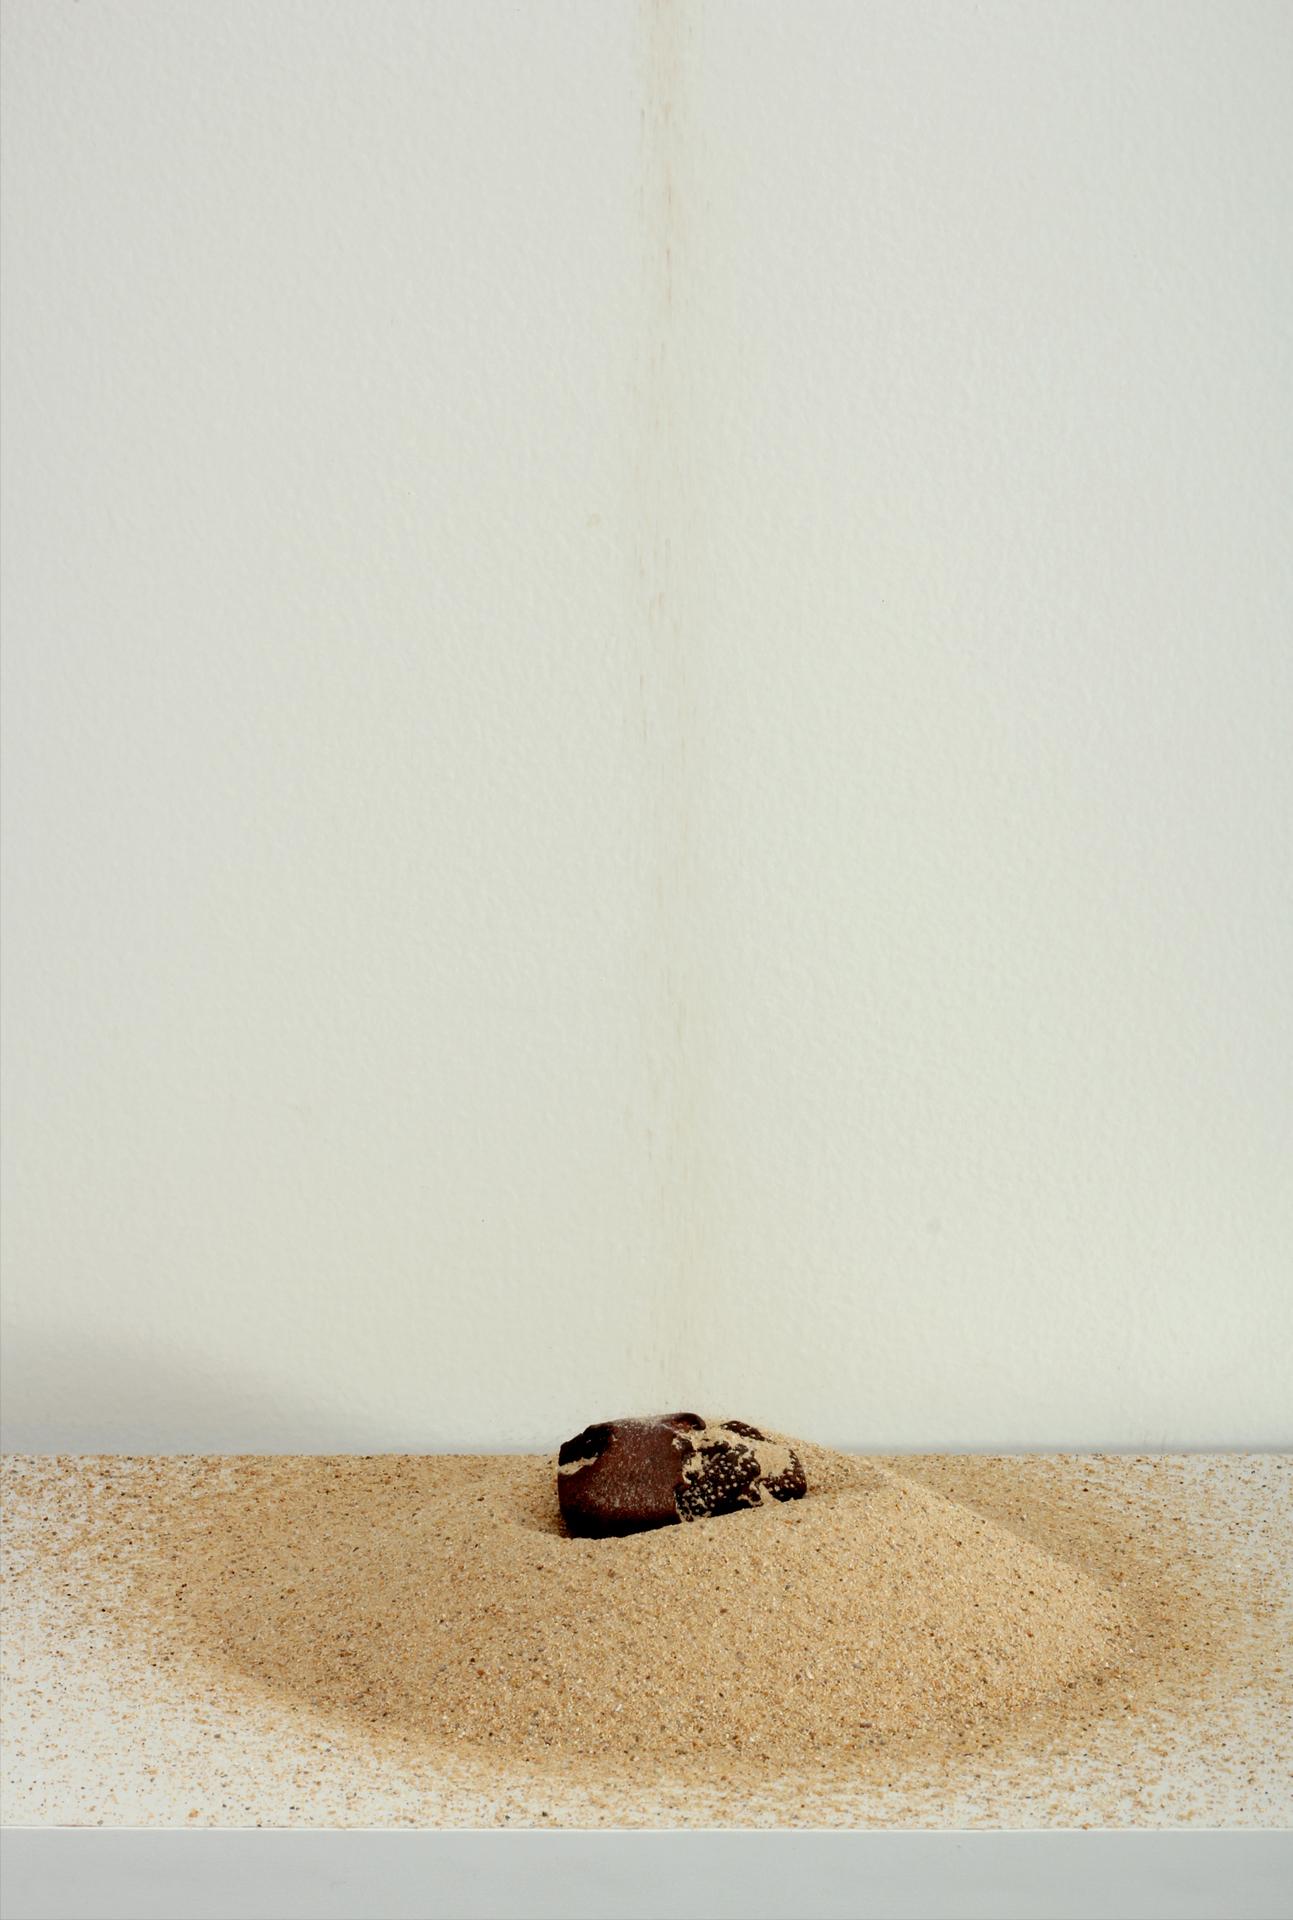 Grover018.jpg